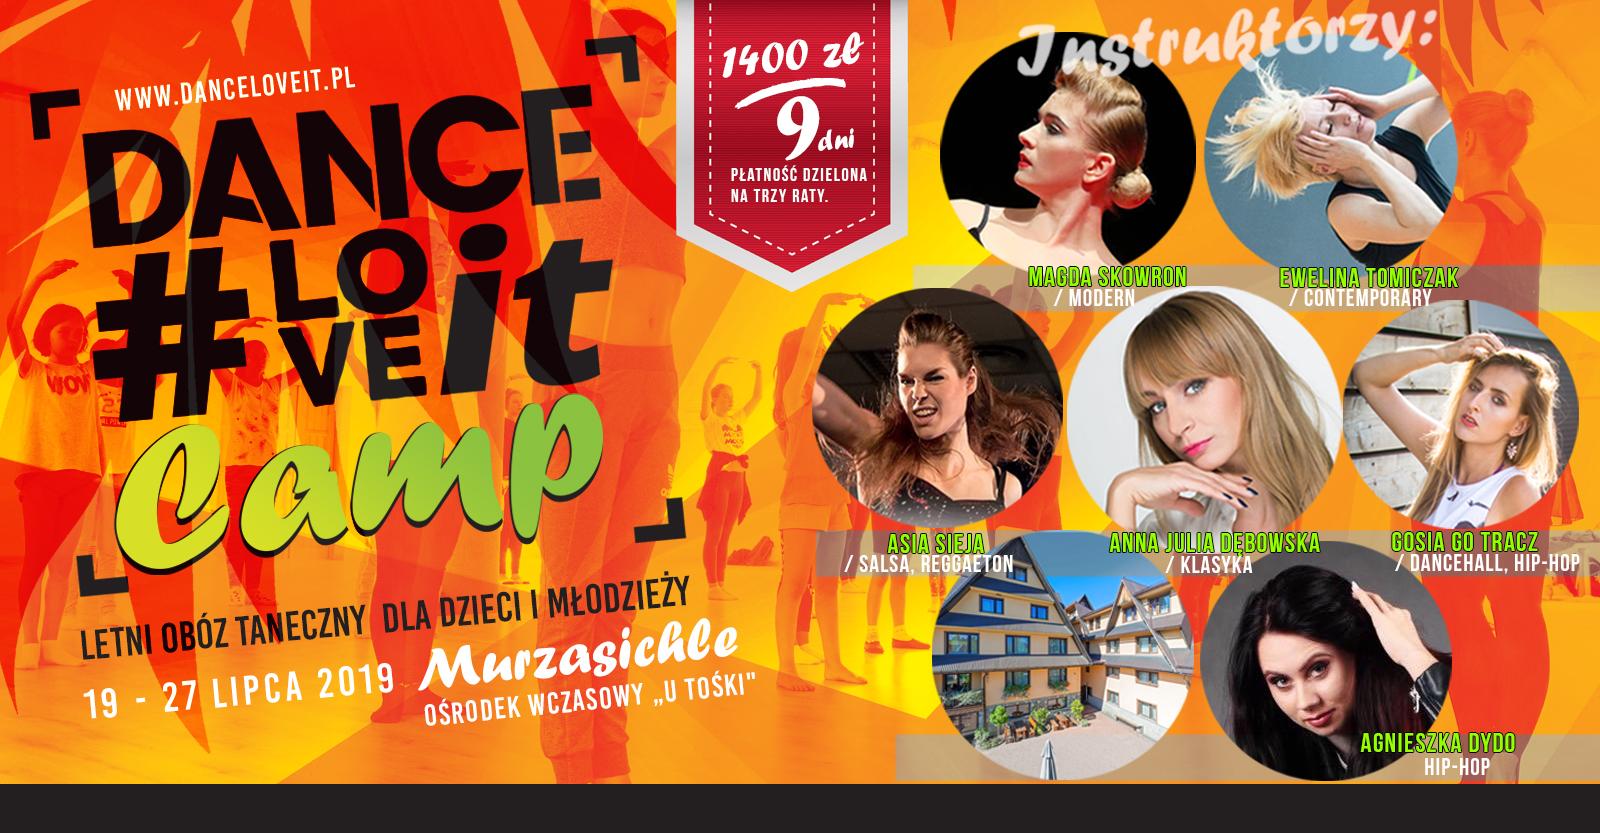 wydarzenie-danceloveit-camp-z-instruktorami